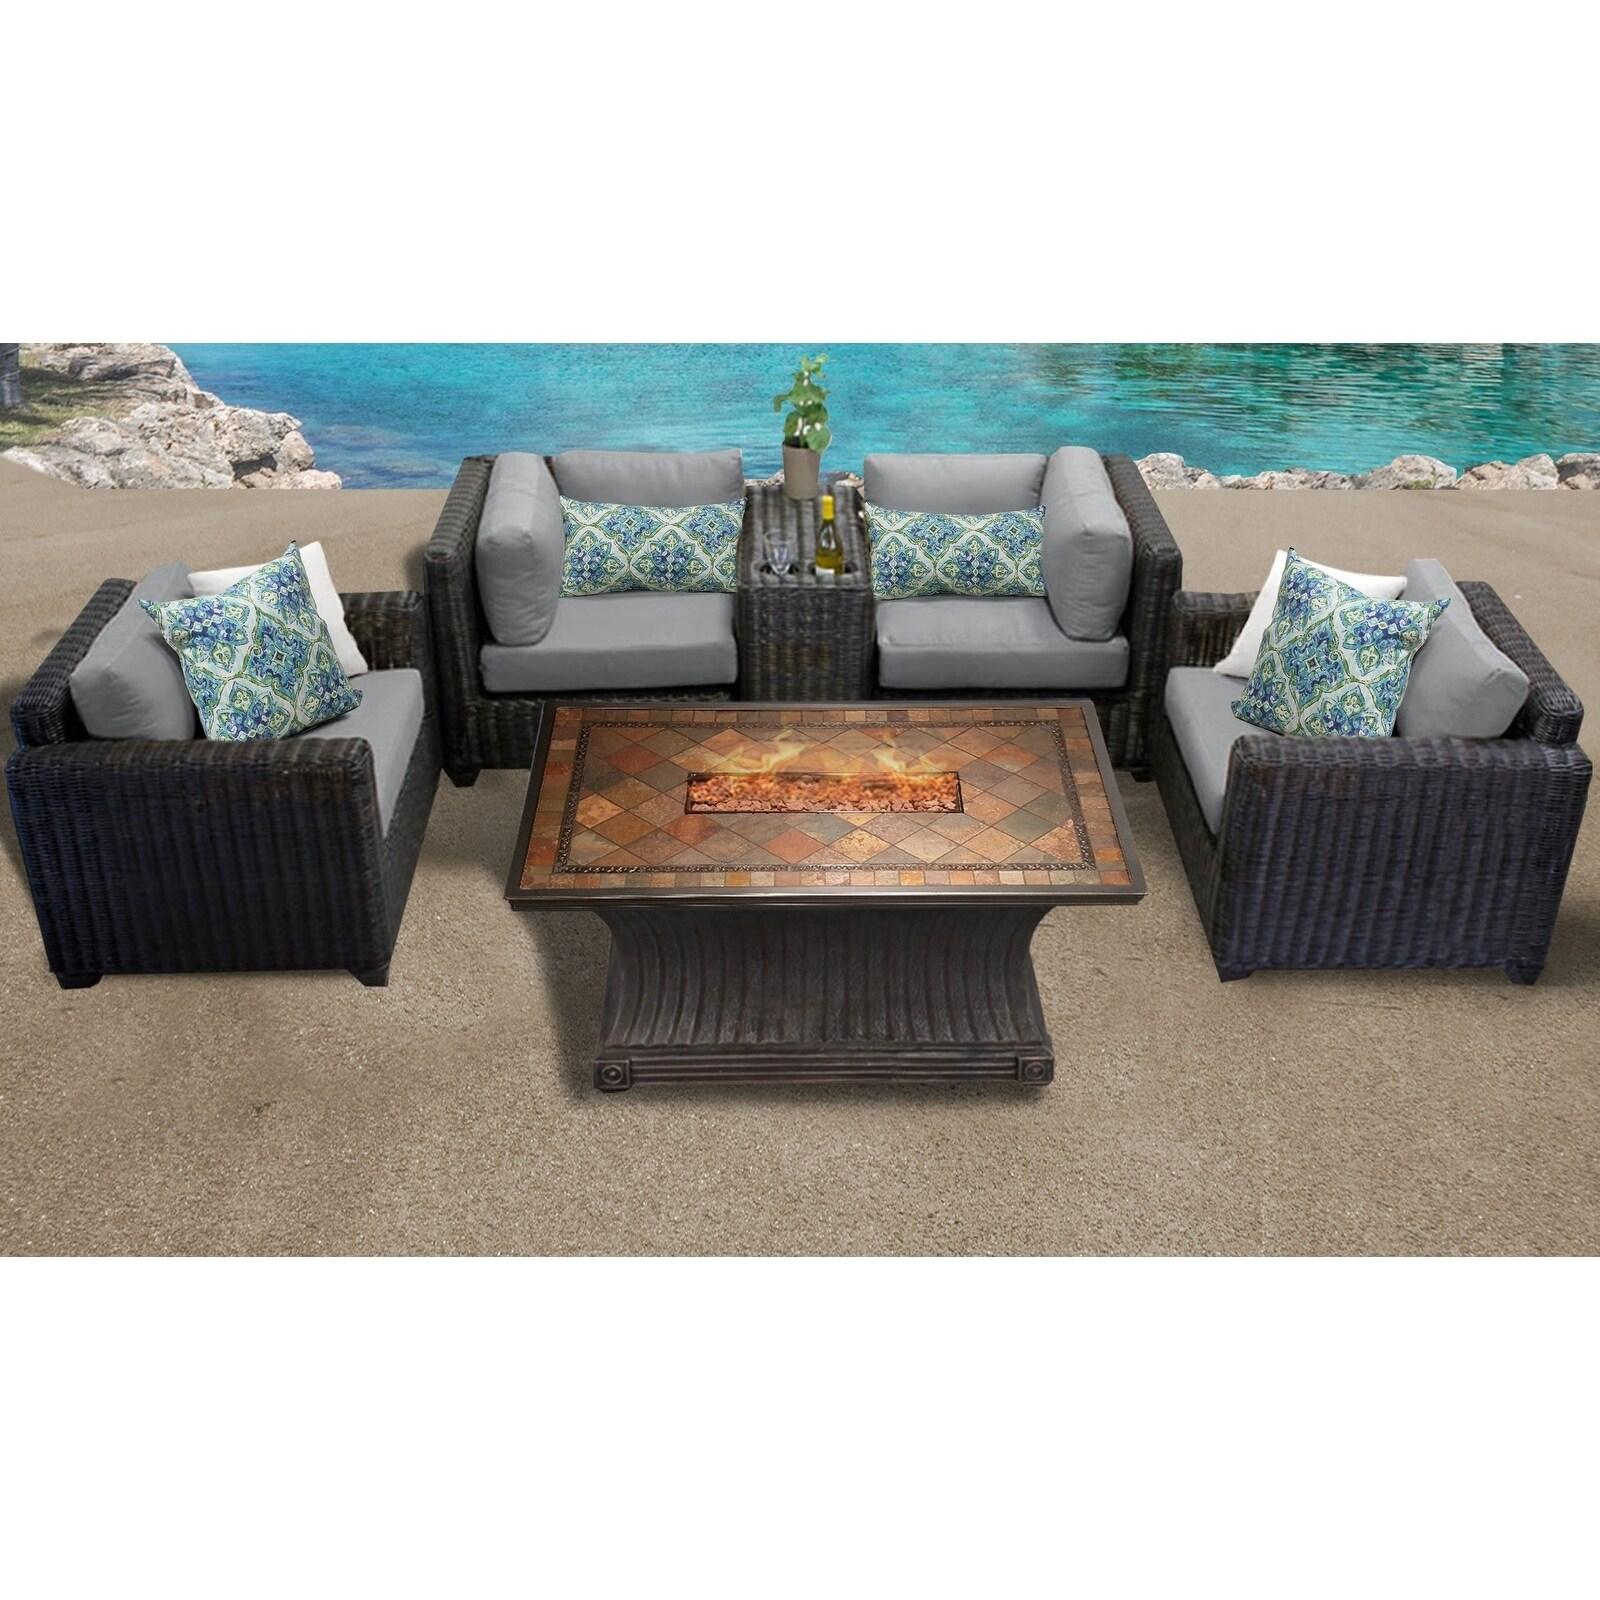 Venice 6 Piece Outdoor Wicker Patio Furniture Set 06d